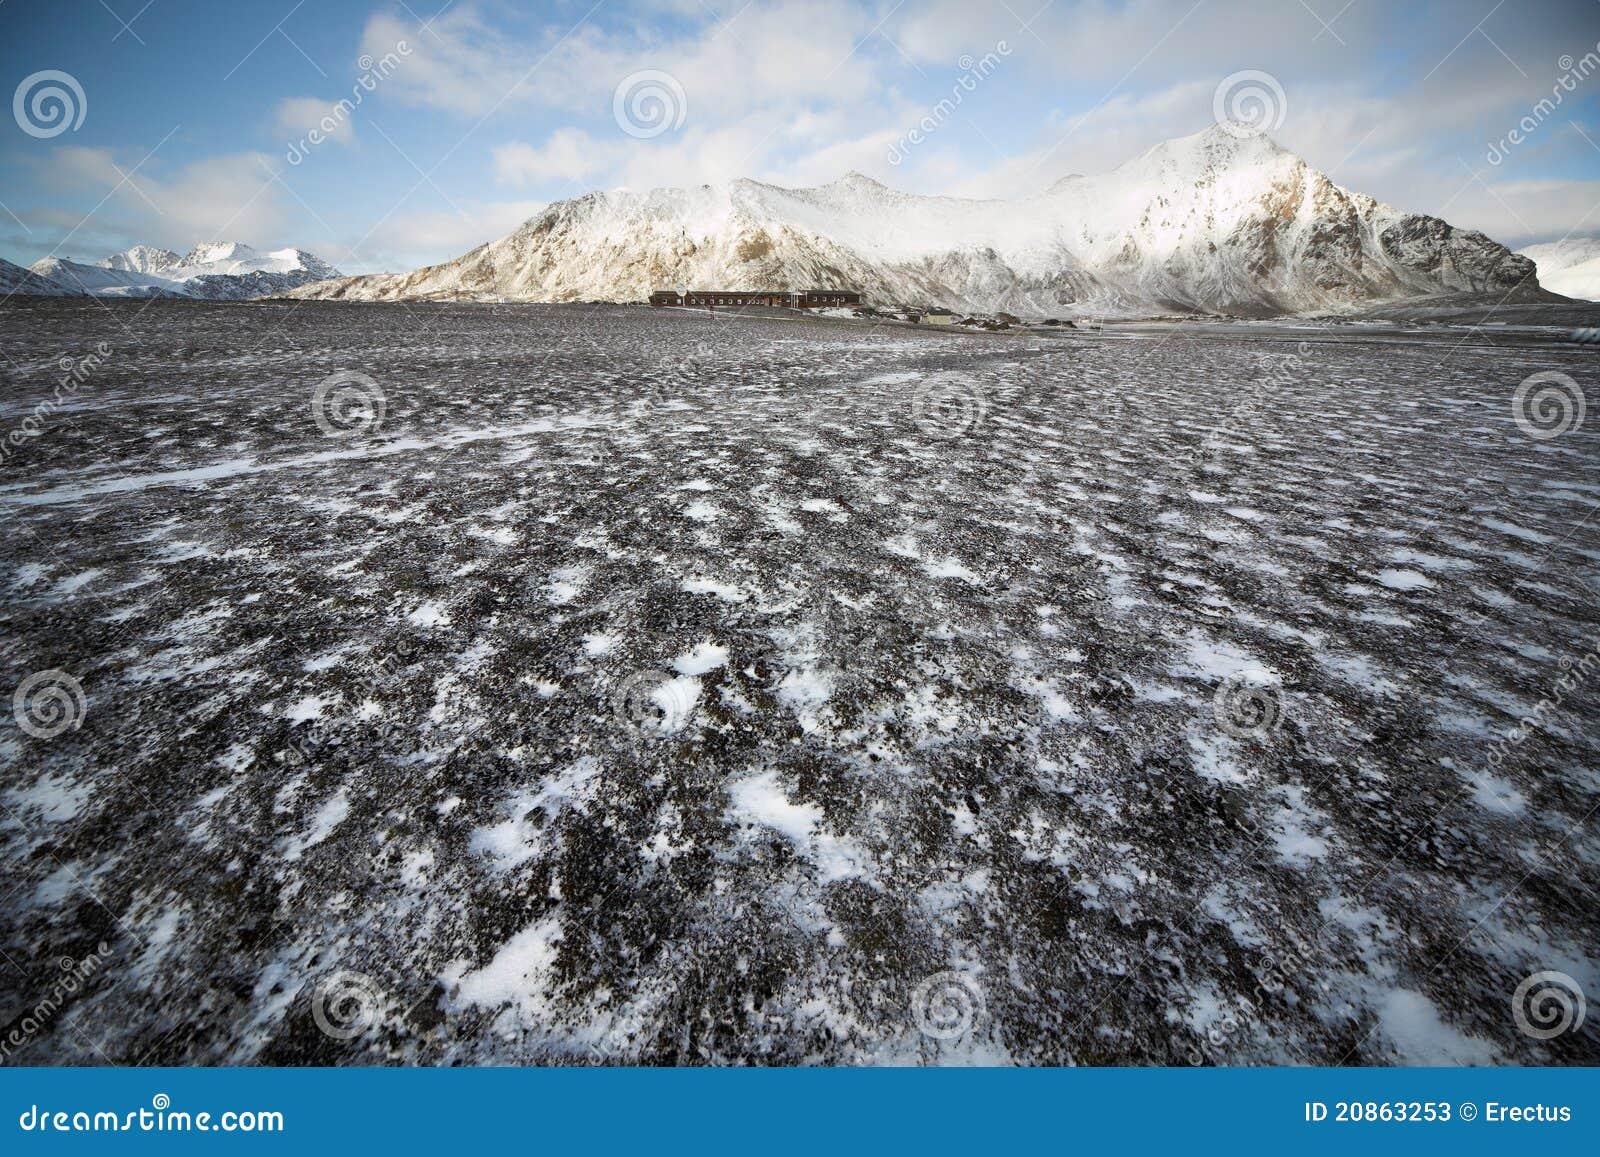 Stazione polare artica - Spitsbergen, Svalbard